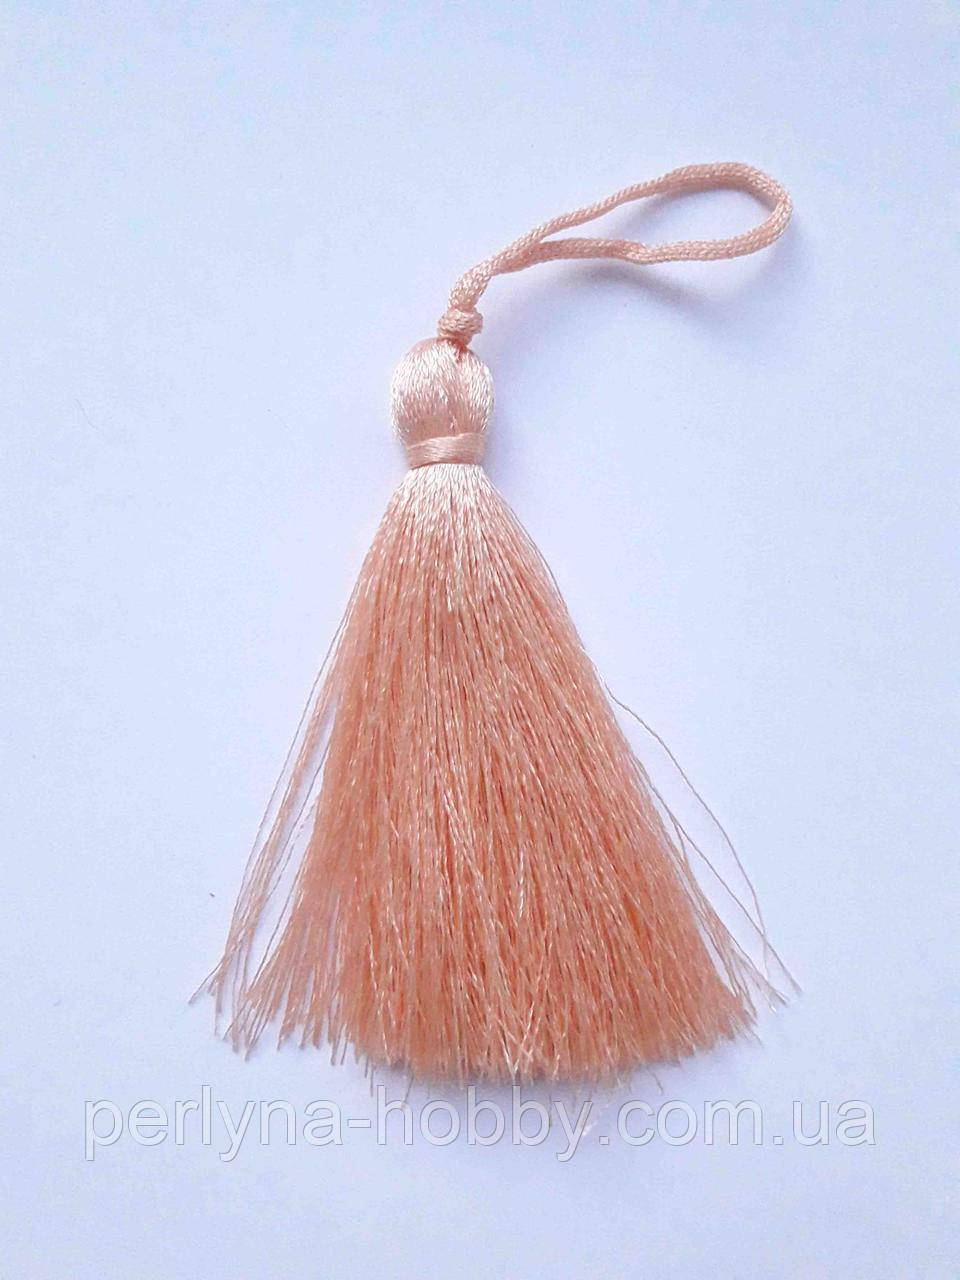 Кисточка  Кисть  декоративная текстильная Китиця декоративна мала 7 см персиковий ніжний, пудра, 1 шт.